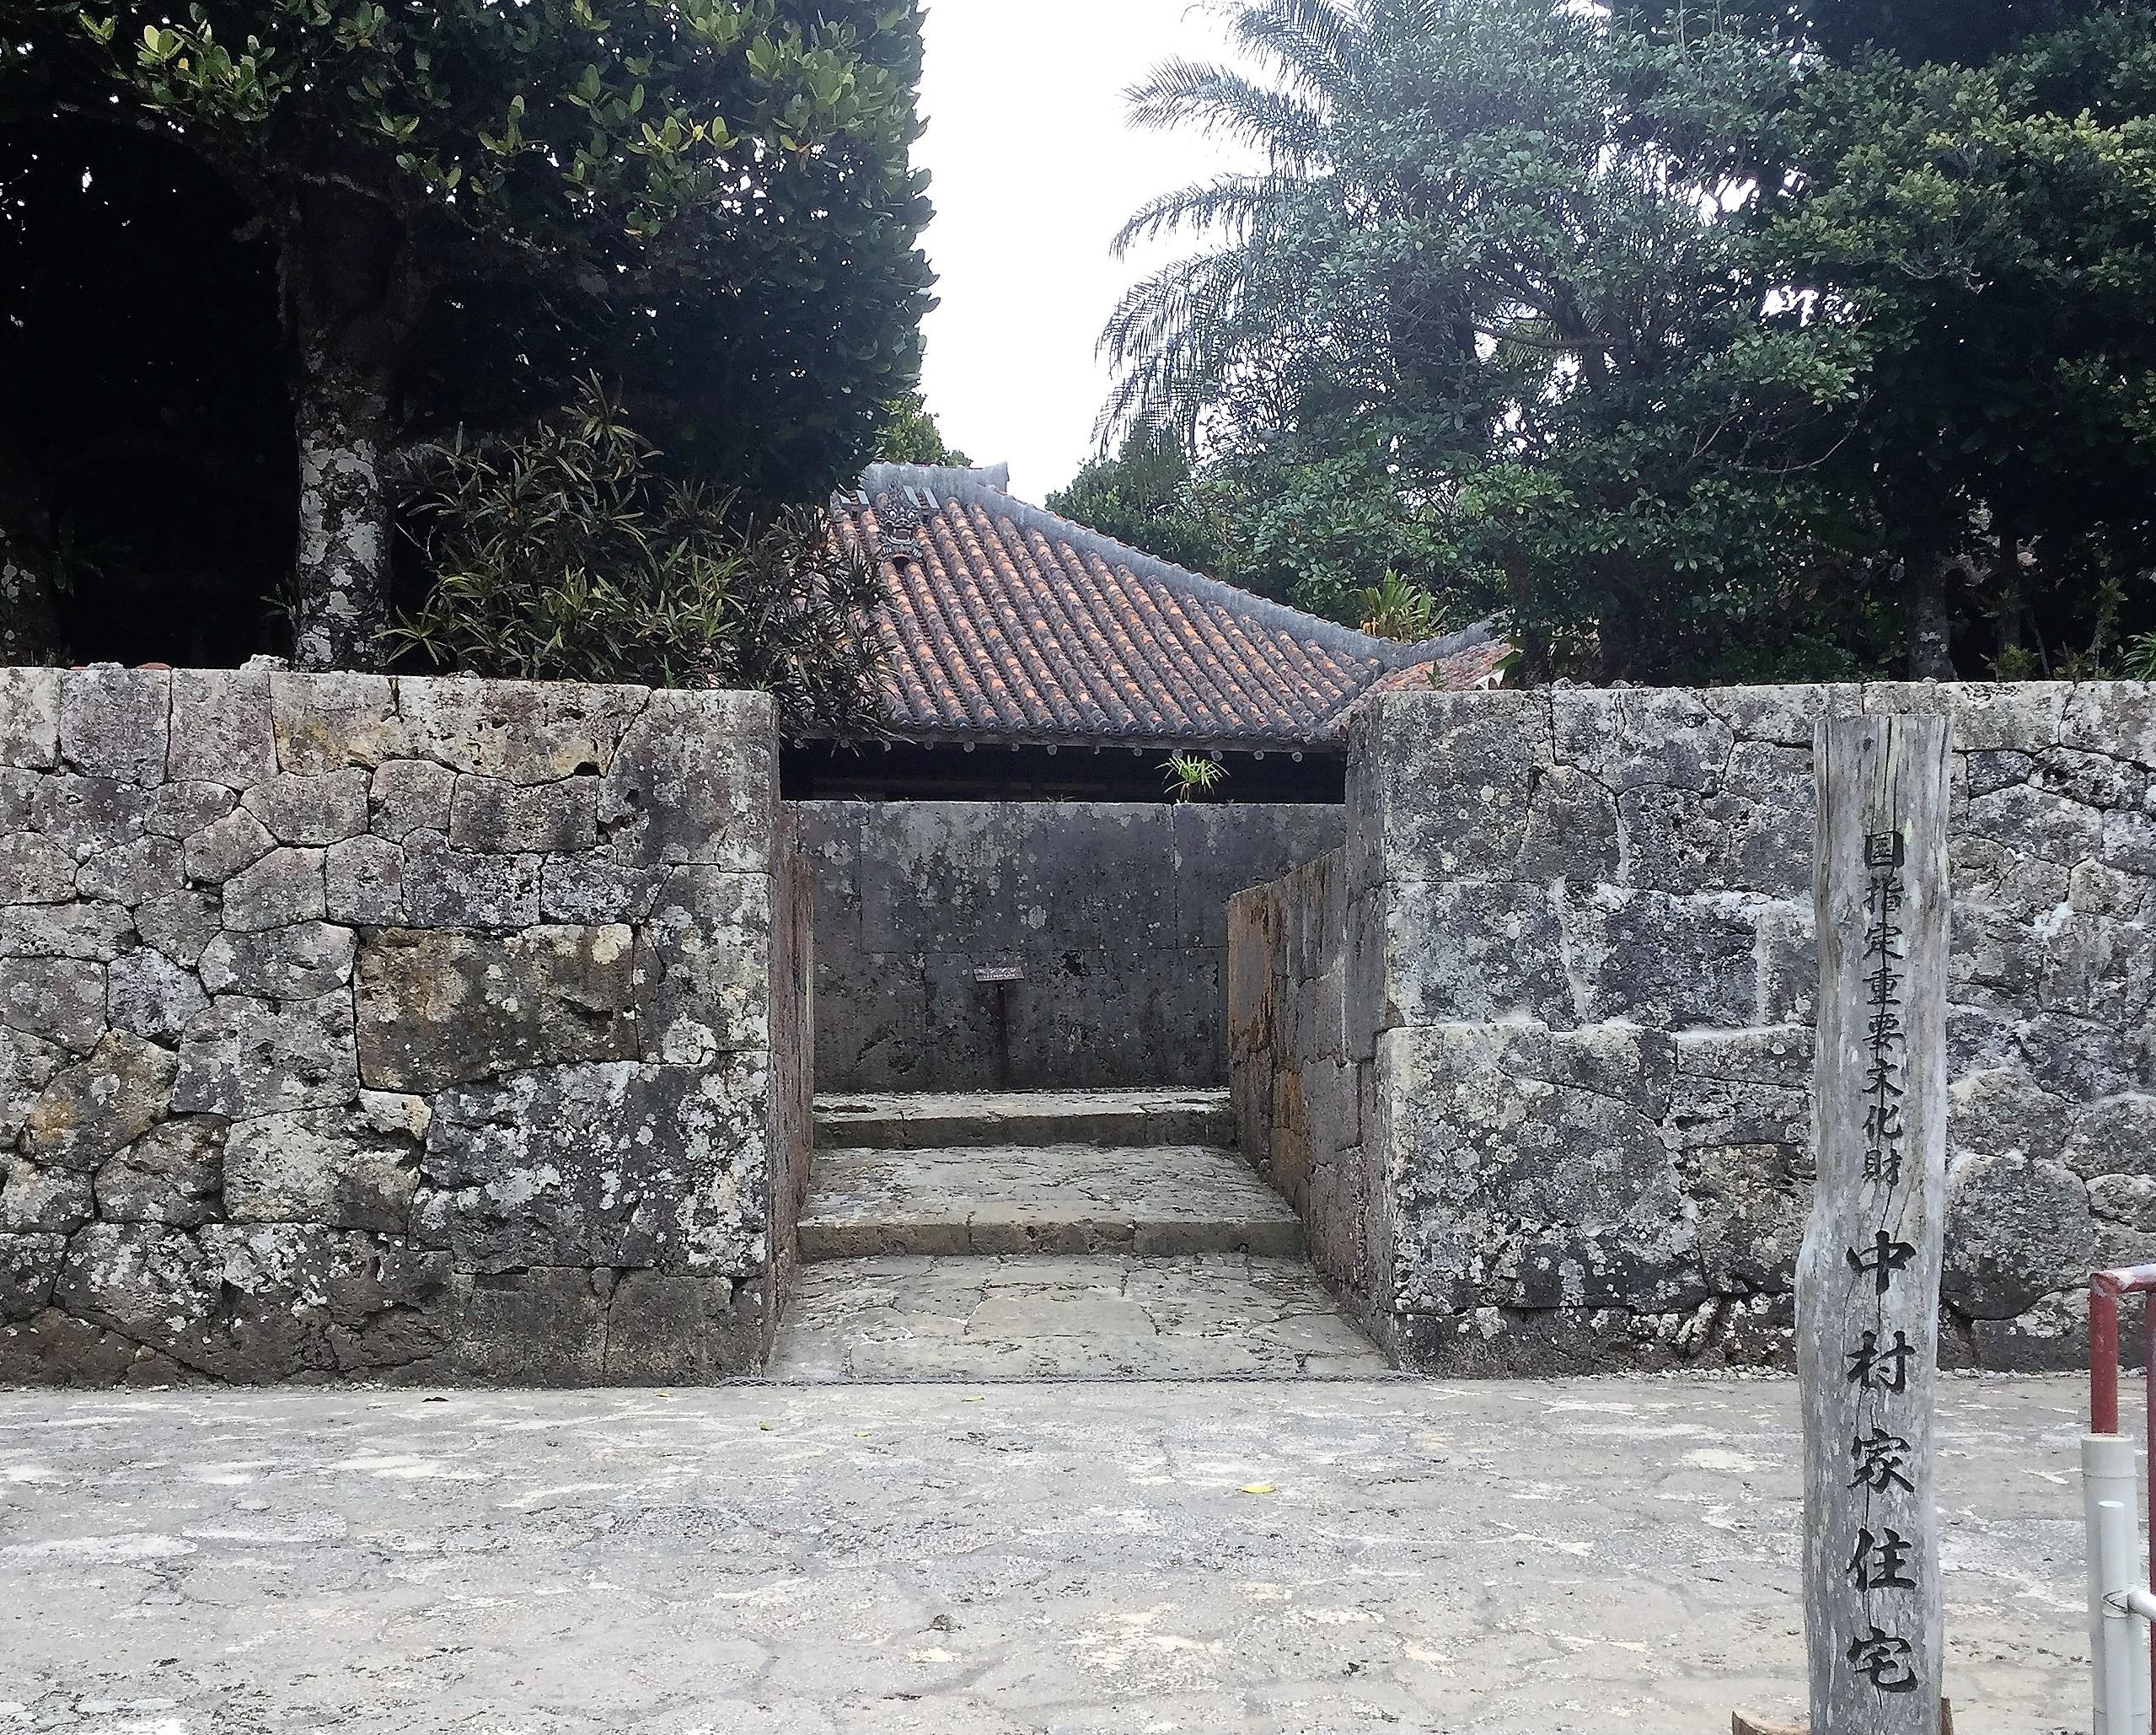 沖縄住宅の特色をすべて持つ重要文化財「中村家住宅」